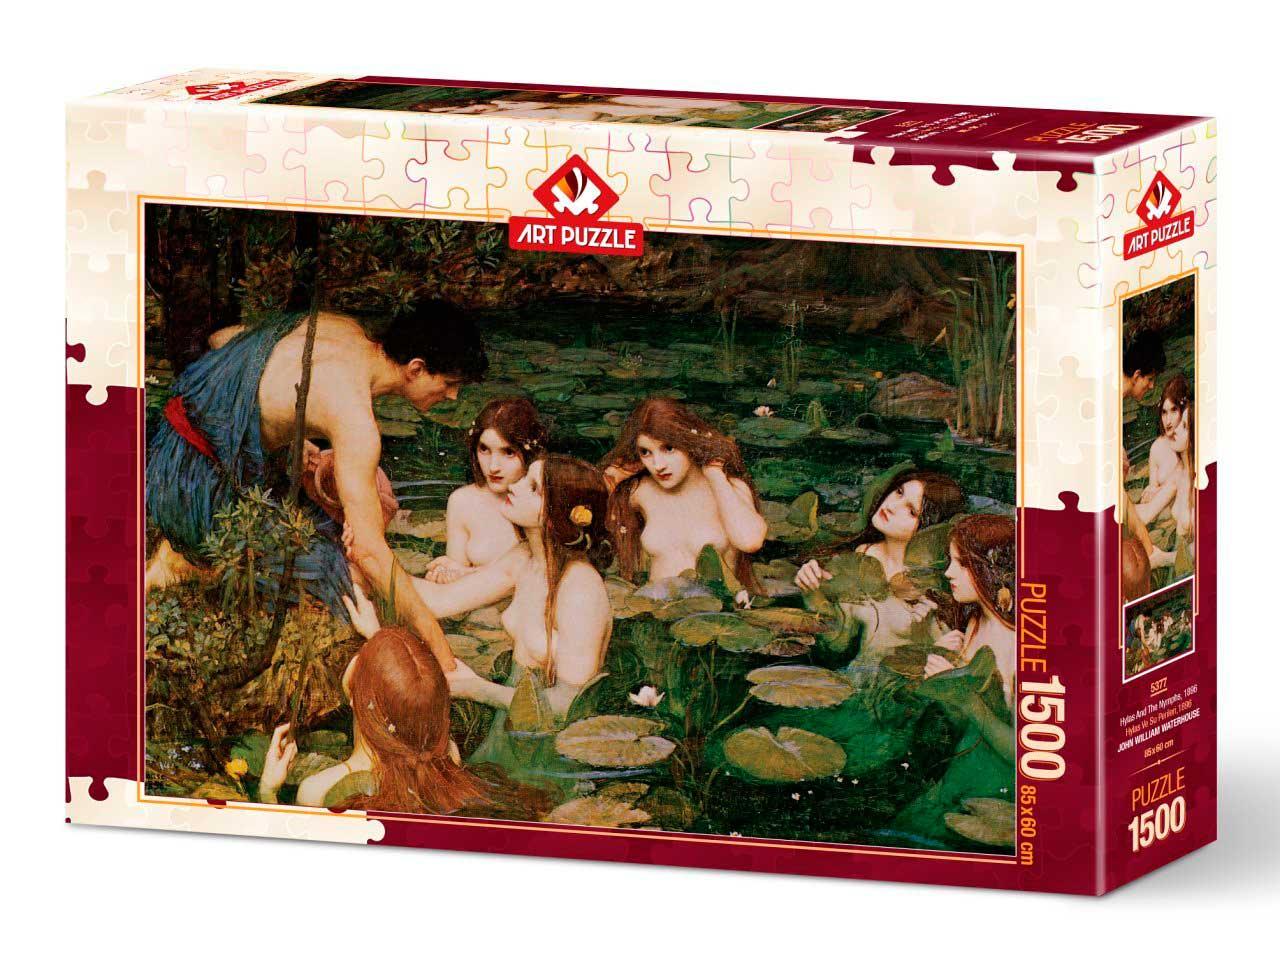 Puzzle Art Puzzle Hilas y Las Ninfas de 1500 Piezas